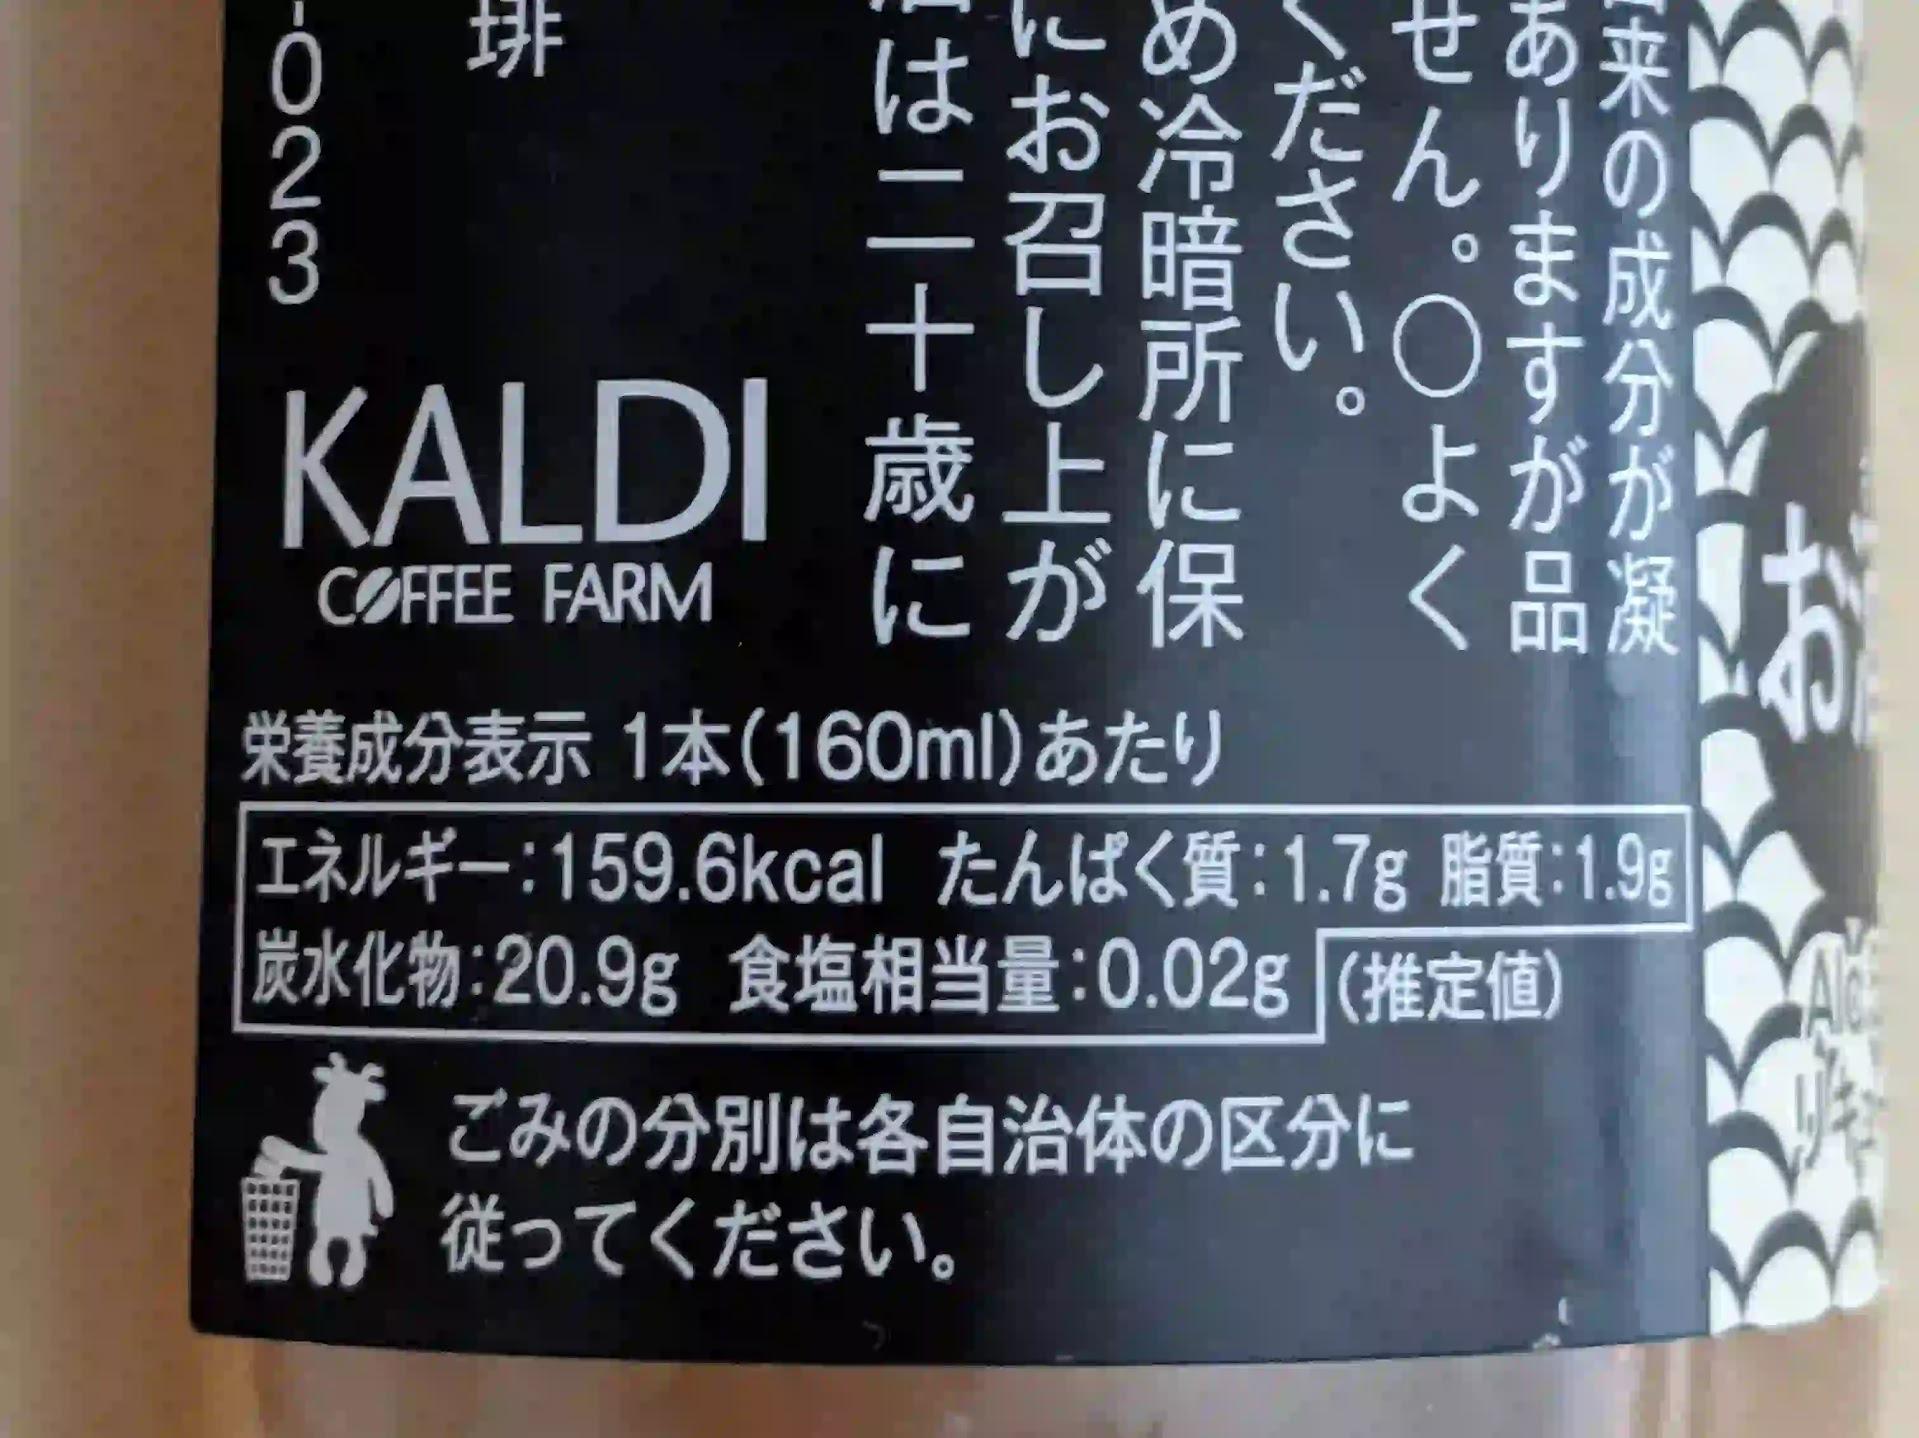 カルディ タピオカミルクティーのお酒